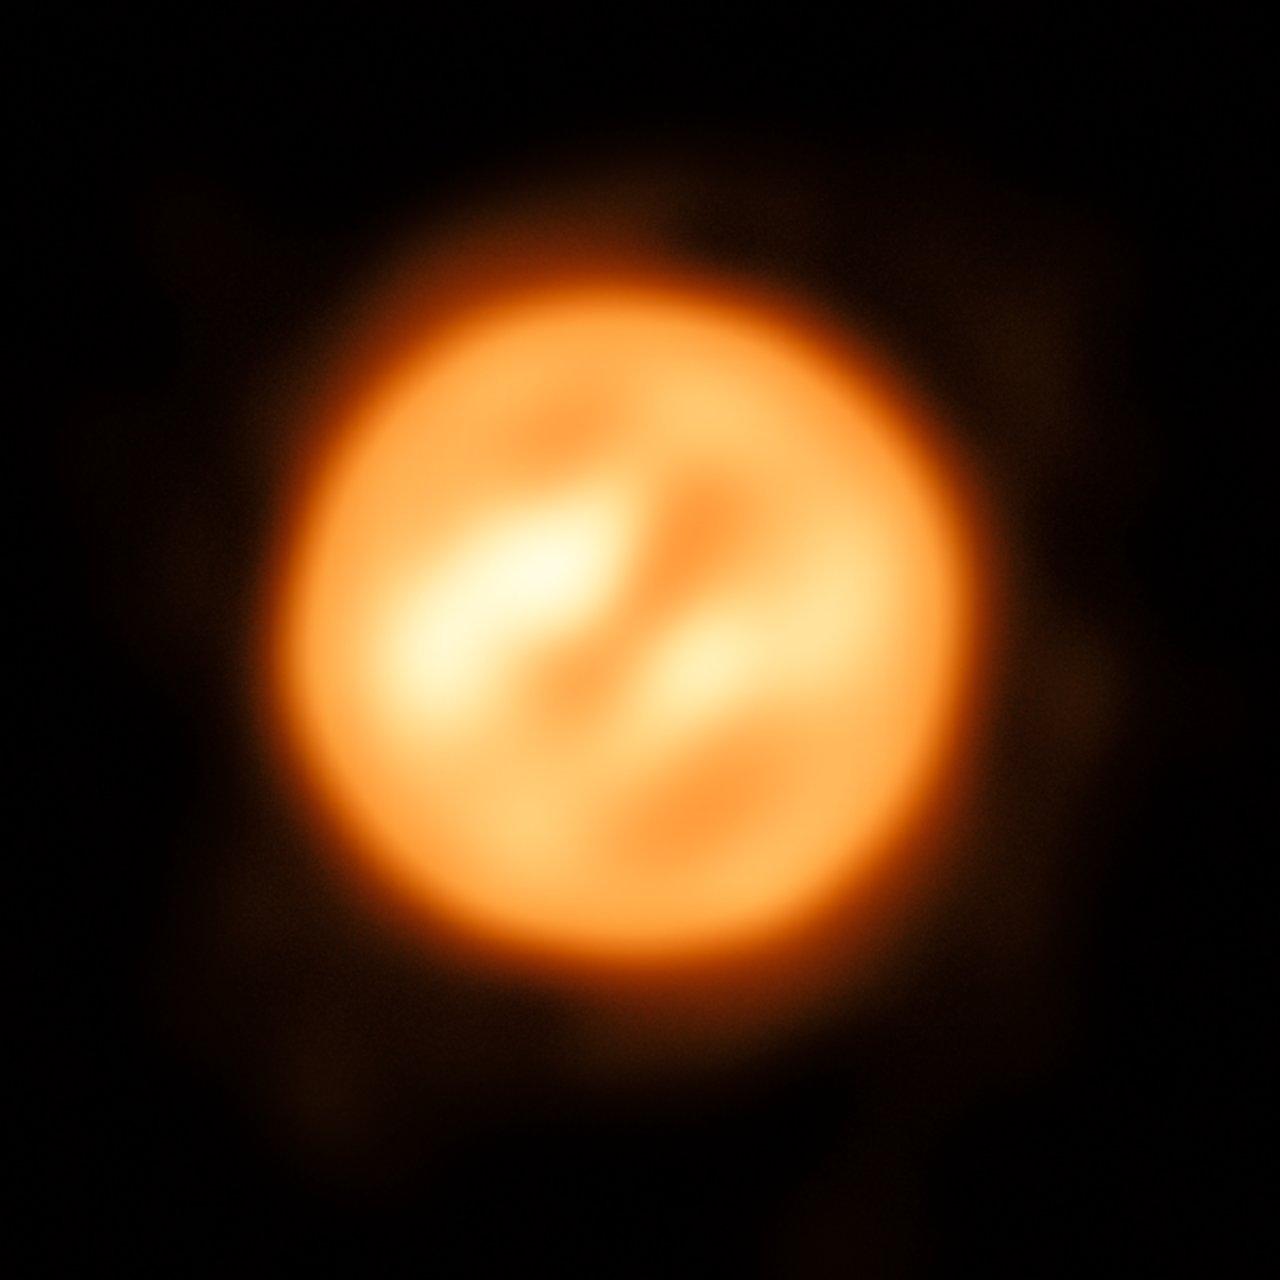 ESO/K. Ohnaka